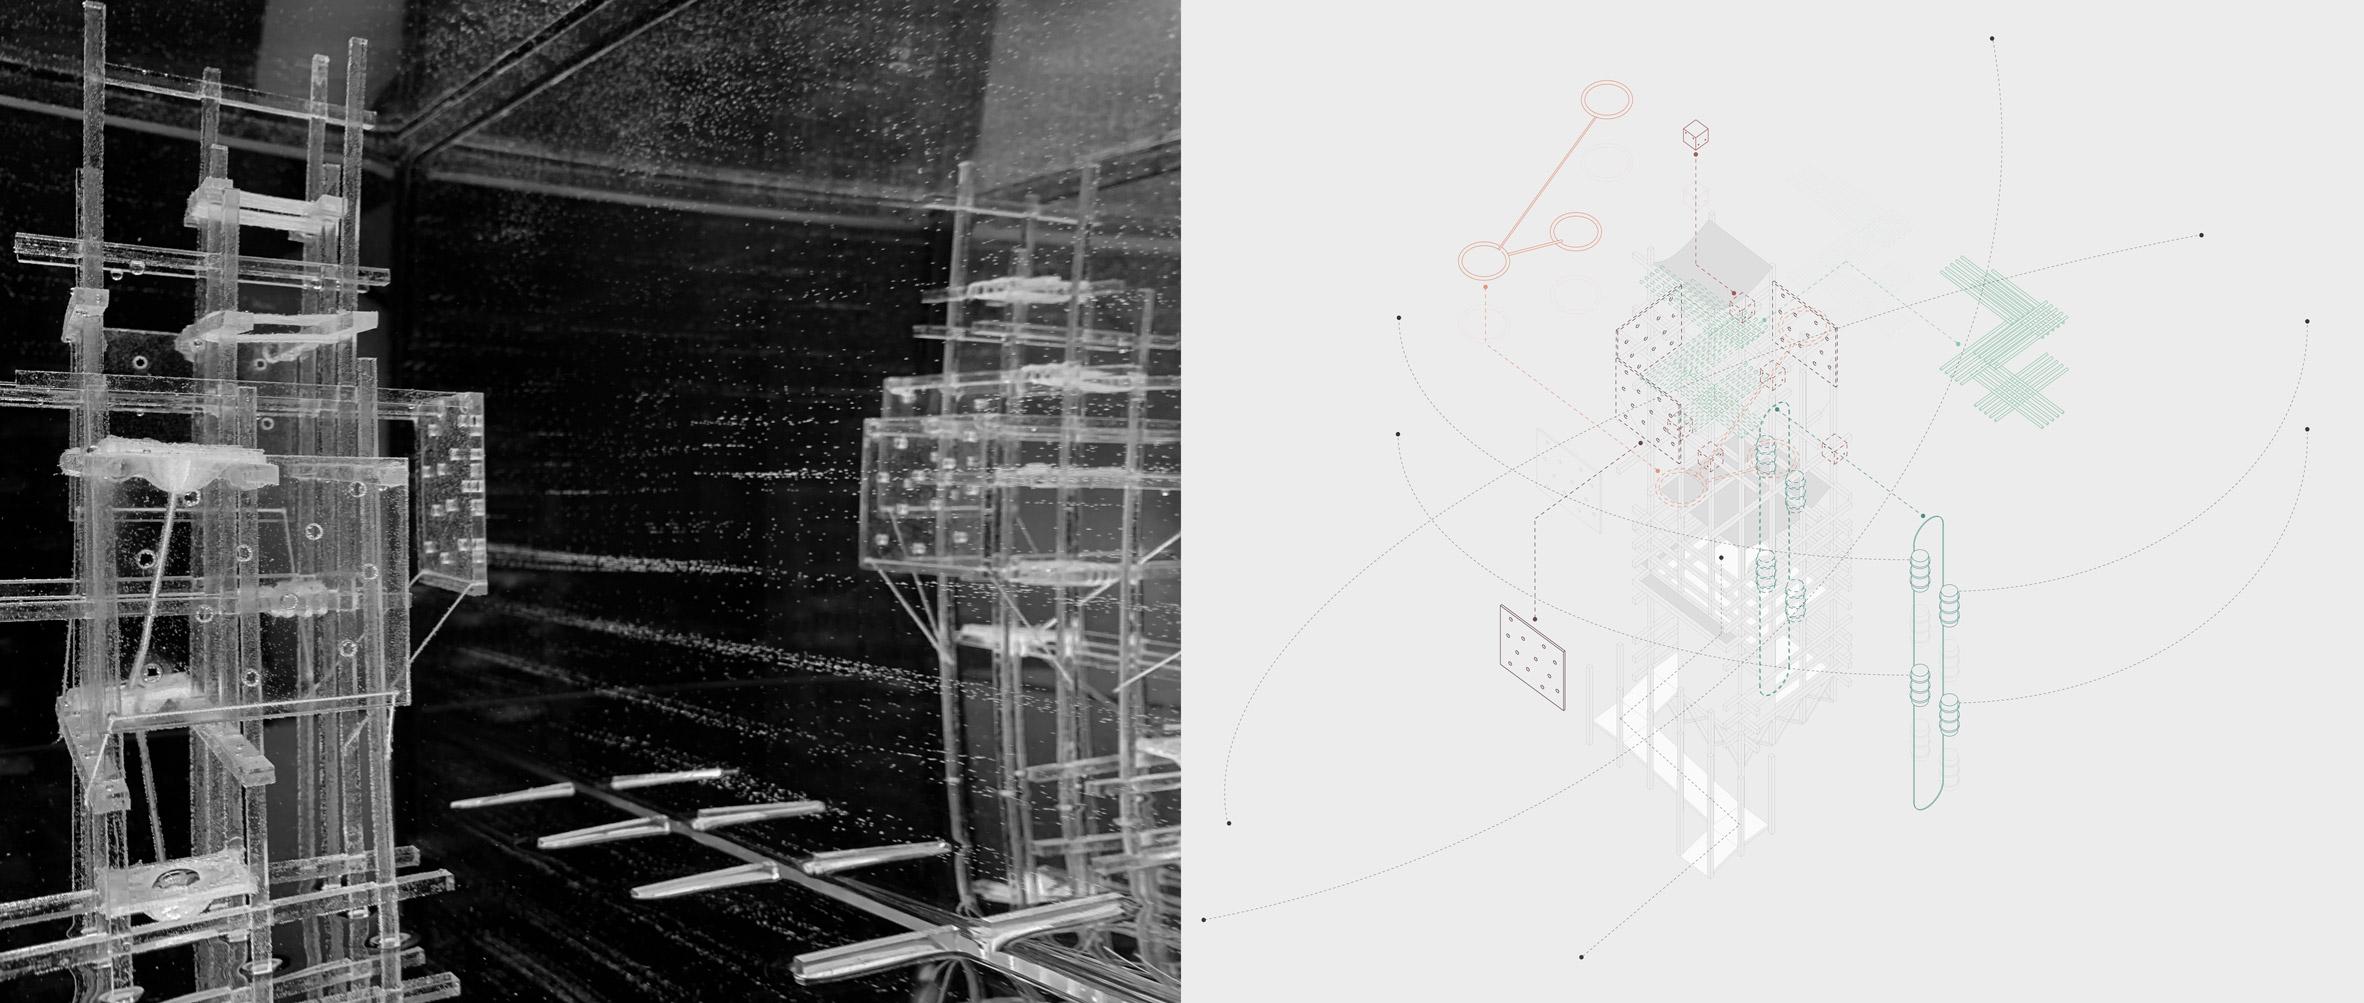 Azrieli School of Architecture & Urbanism